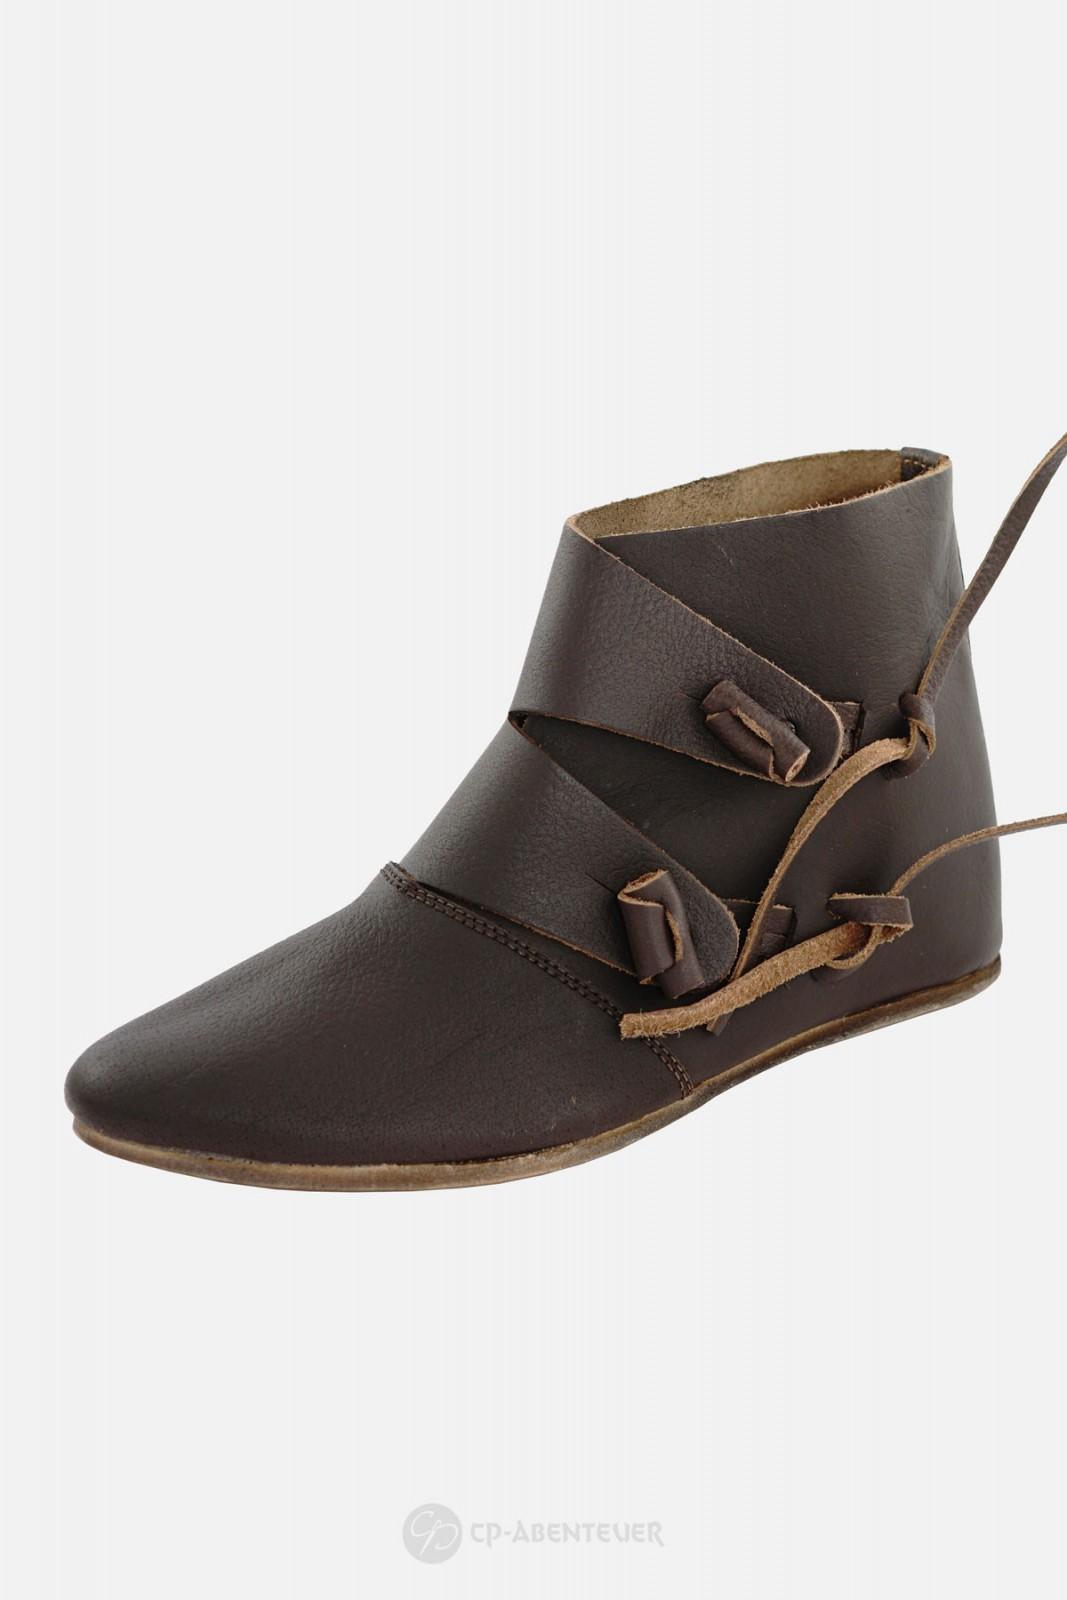 Knut - Schuhe